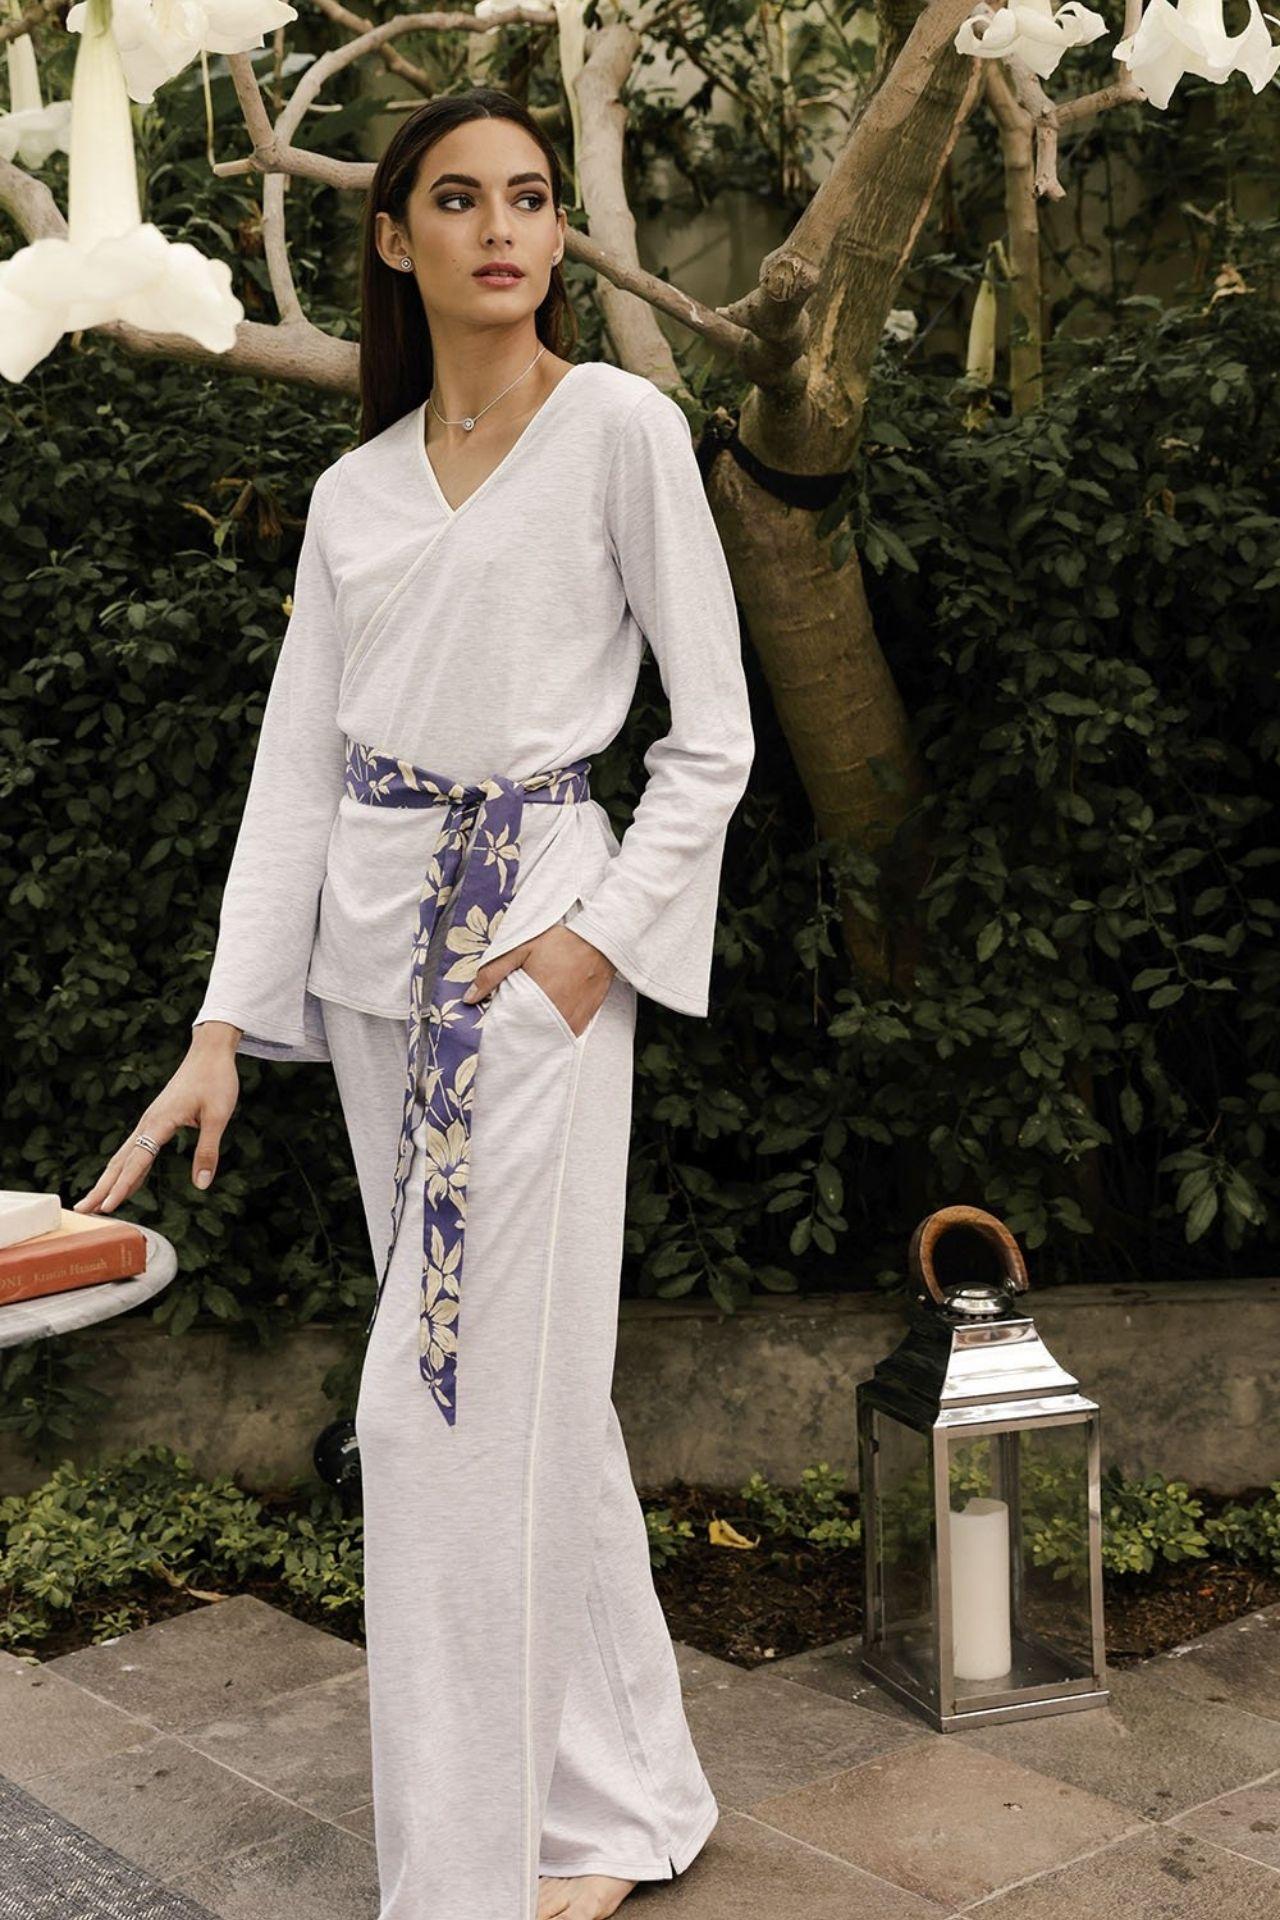 Inspiración Oriental. Top con mangas acampanadas y elegante cinturón estampado. Vivos en color hueso marcan la silueta del pijama hecho en 100% algodón pima.